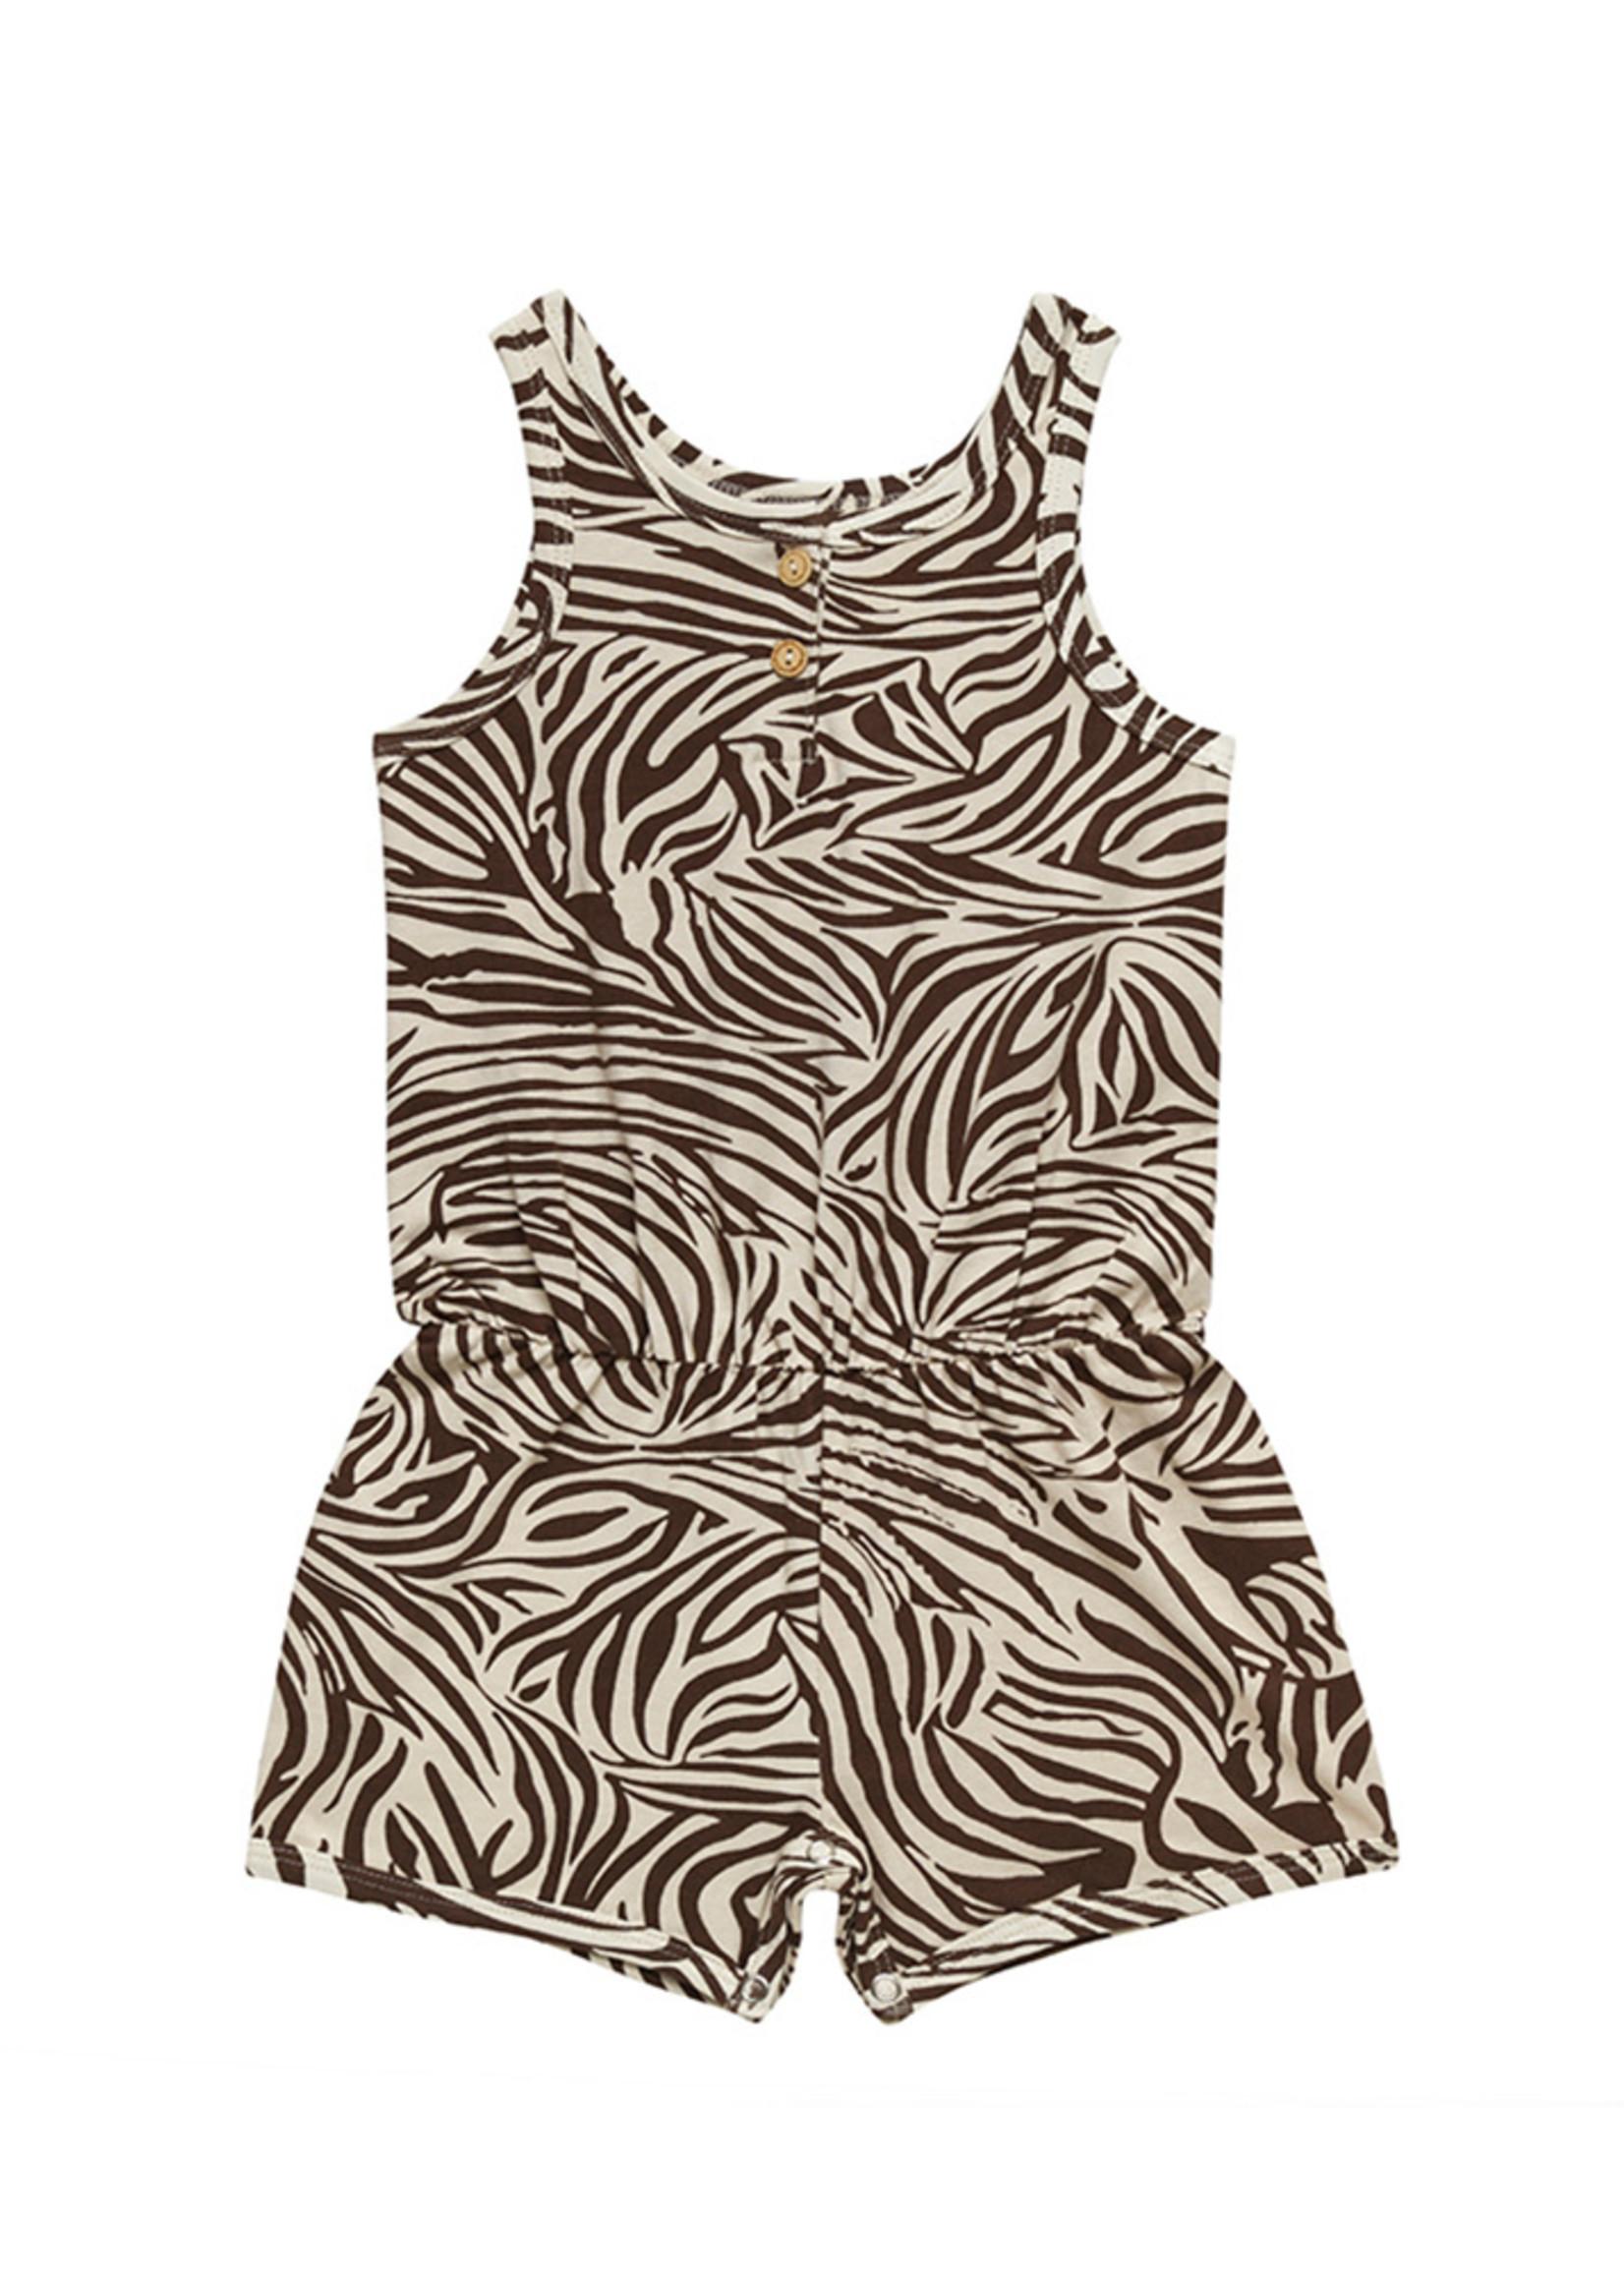 Little Indians LI - Jumpsuit Short - Zebra - Fondue Fudge